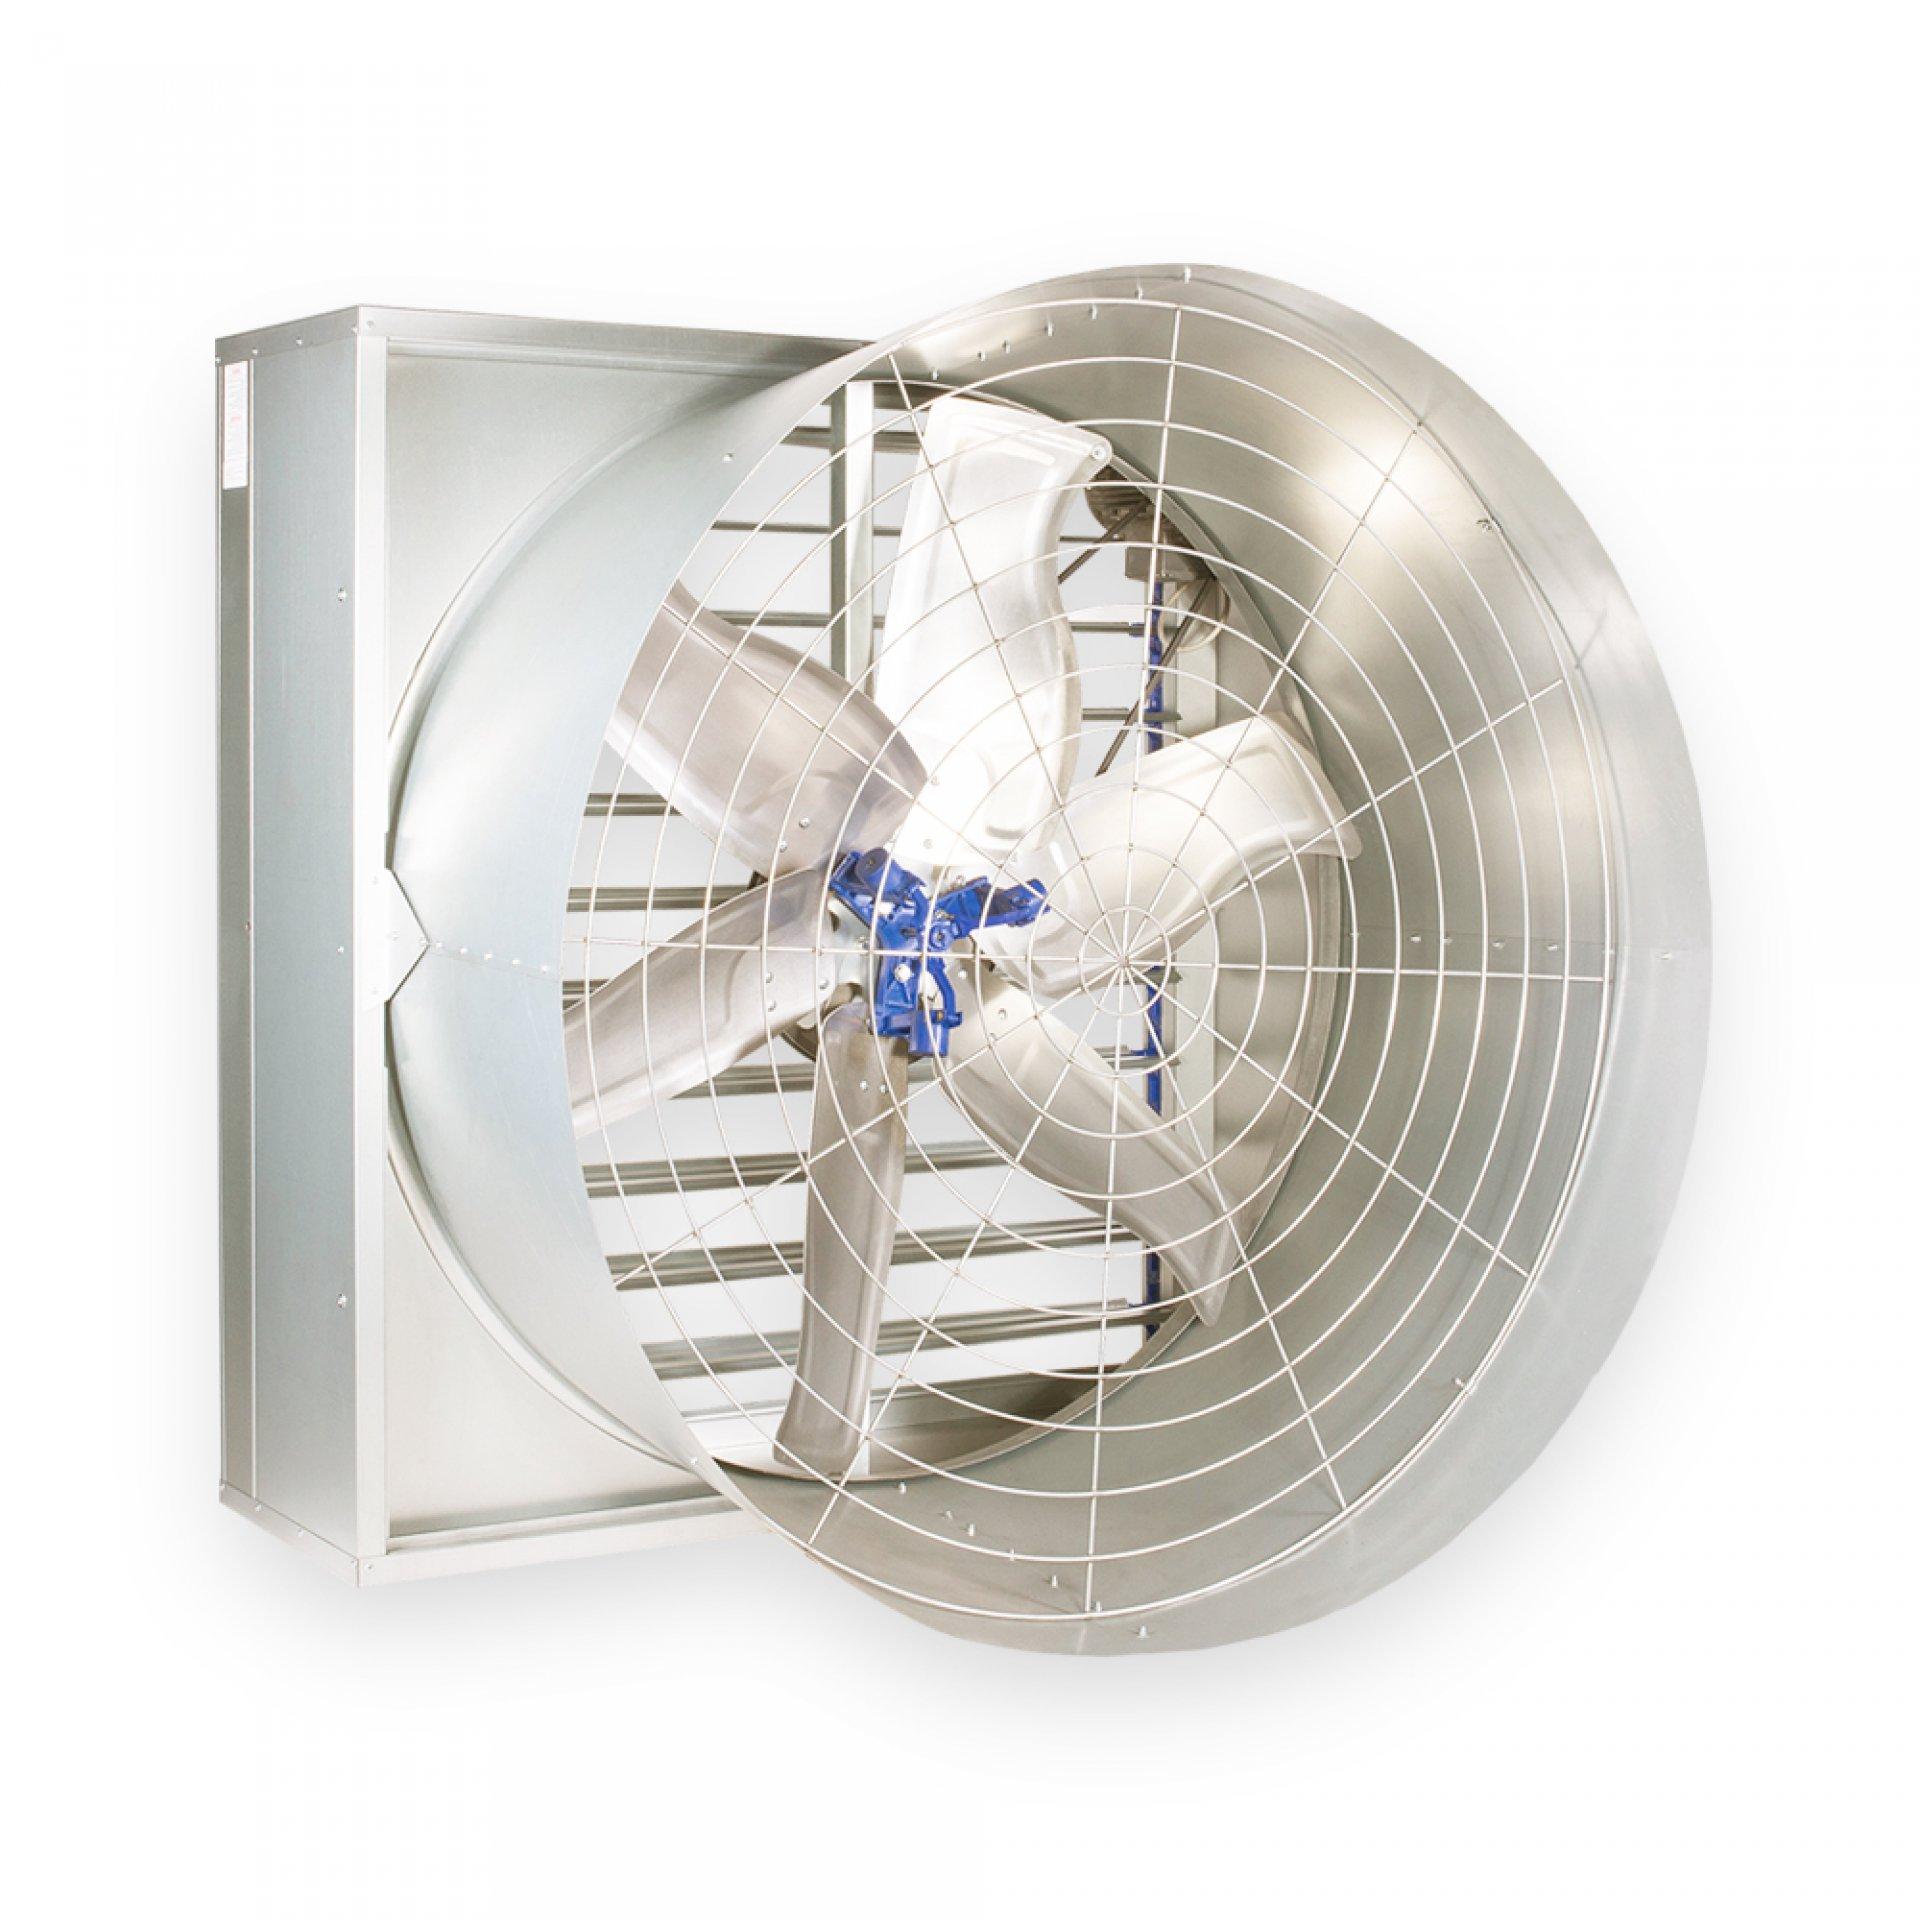 1270-reverse-hood-type-ventilation-fan